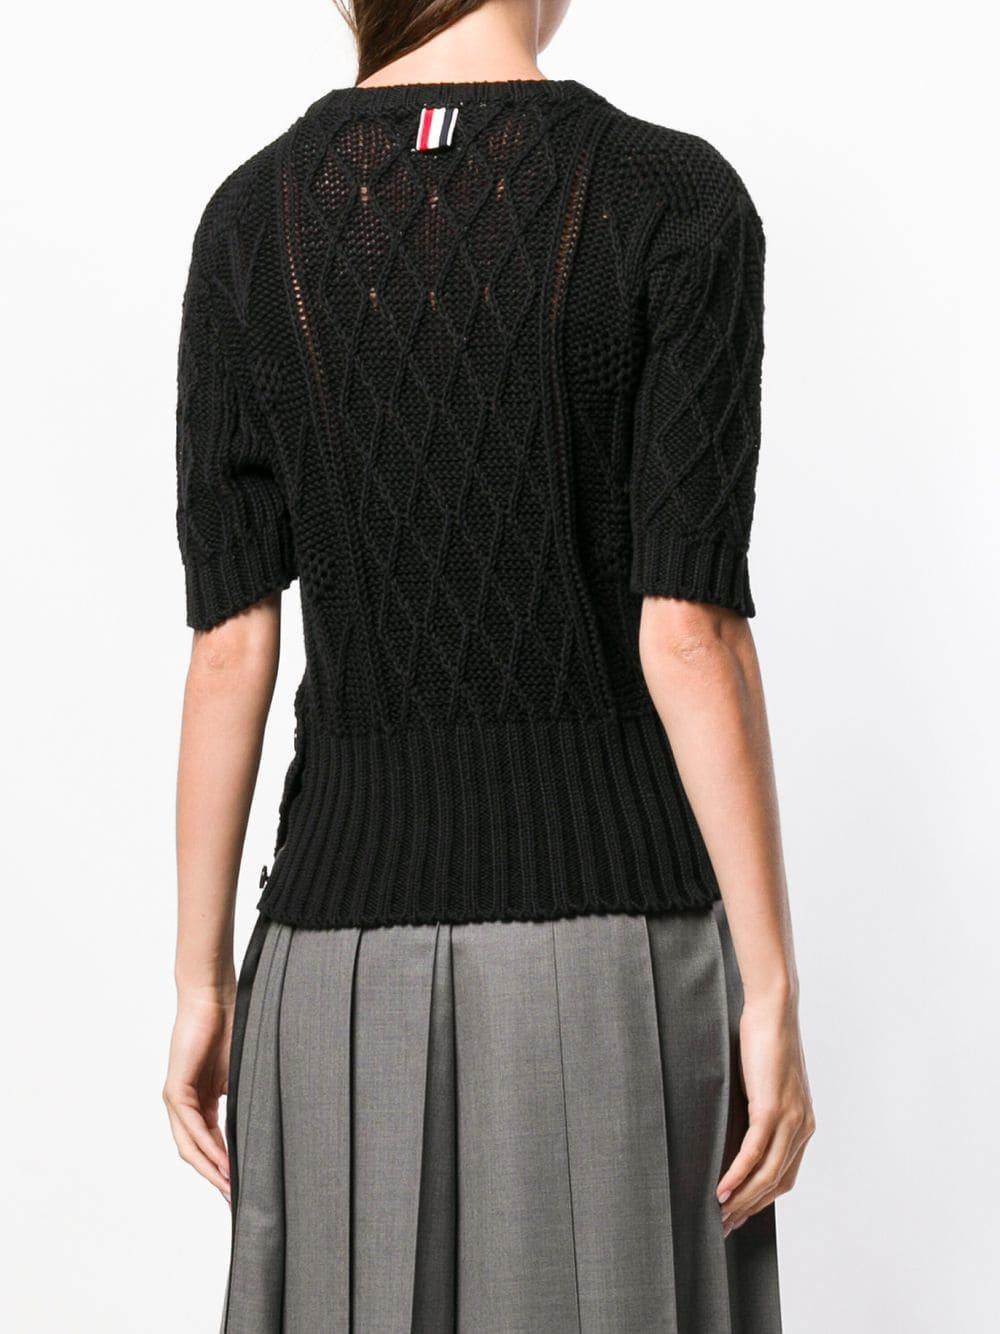 Camiseta con bordado floral y cristales Thom Browne de Algodón de color Negro